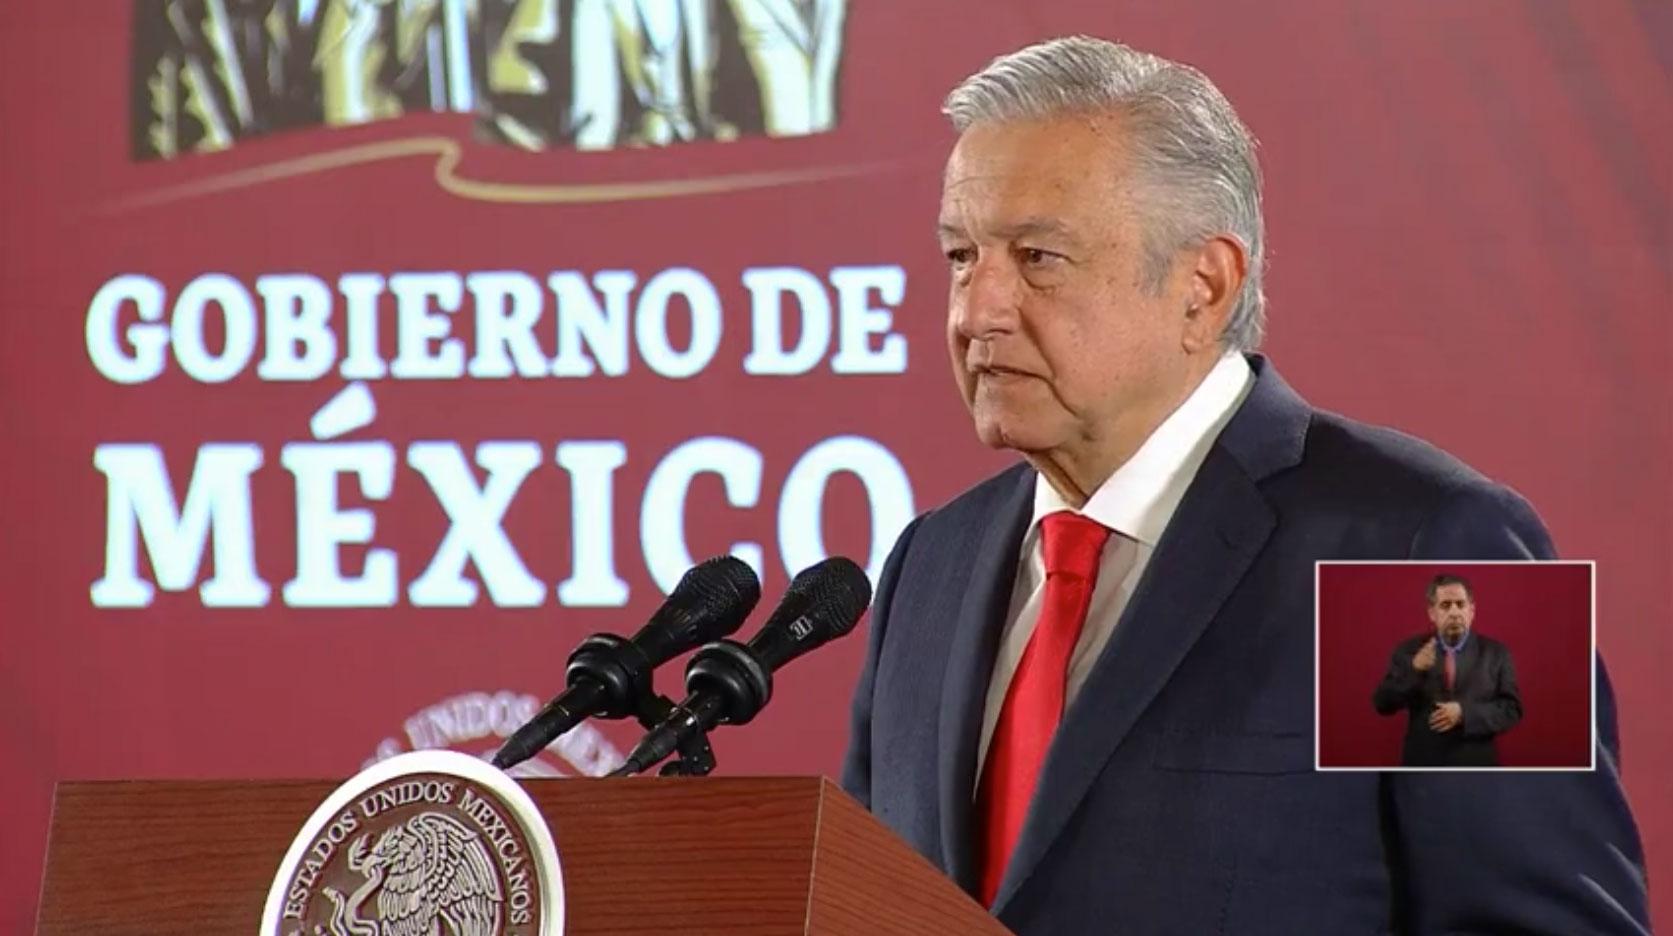 Este jueves, durante su conferencia de prensa mañanera, el presidente, Andrés Manuel López Obrador confirmó que a partir de este día, inician la construcción del aeropuerto de Santa Lucía.